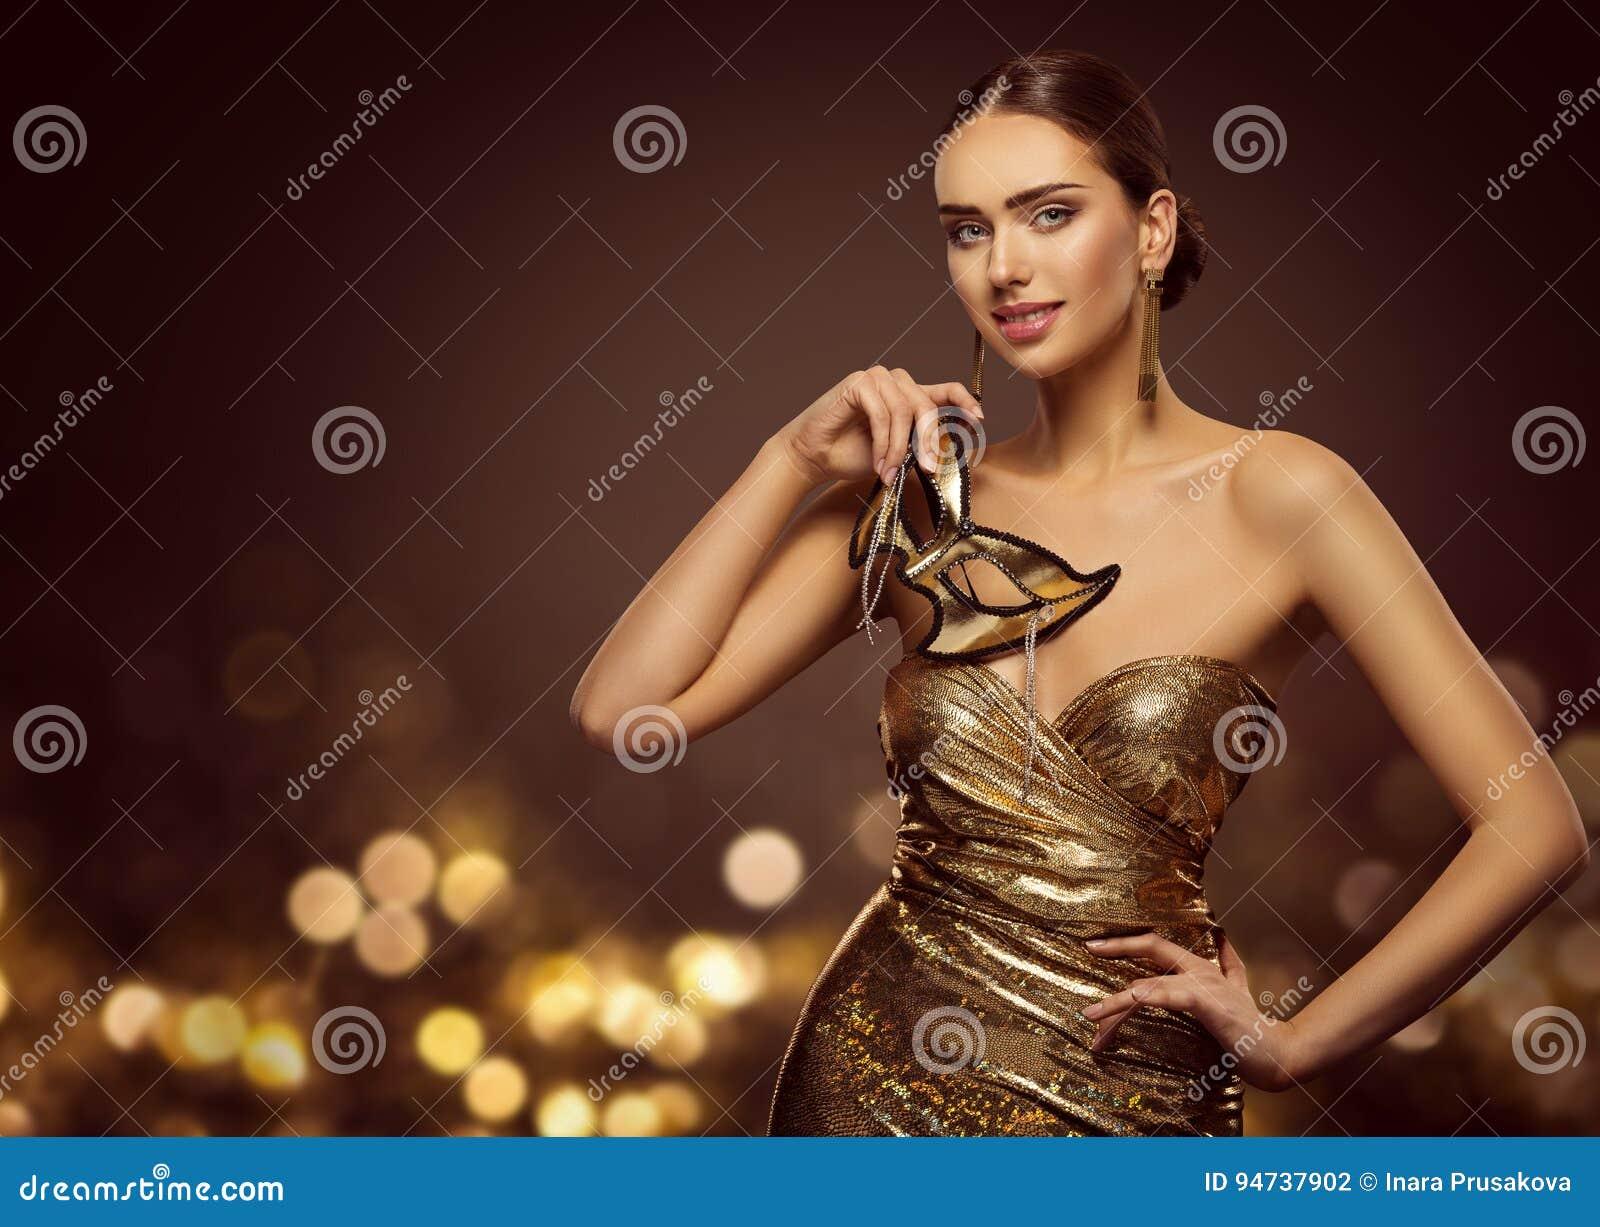 Máscara da mulher, modelo de forma Face com máscara dourada do carnaval, beleza